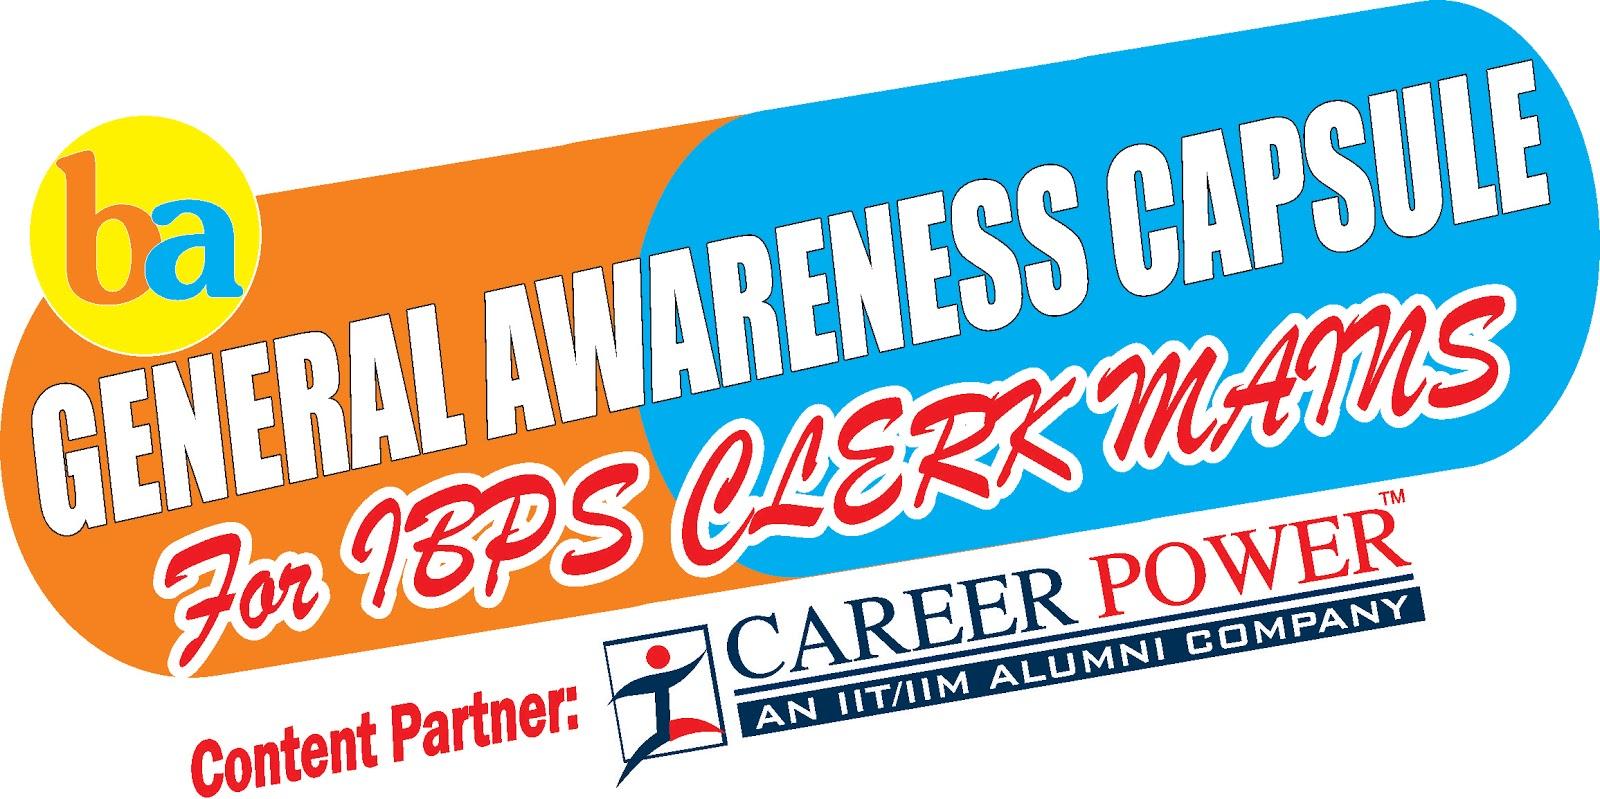 Gk Power Capsule Ibps Clerk Mains